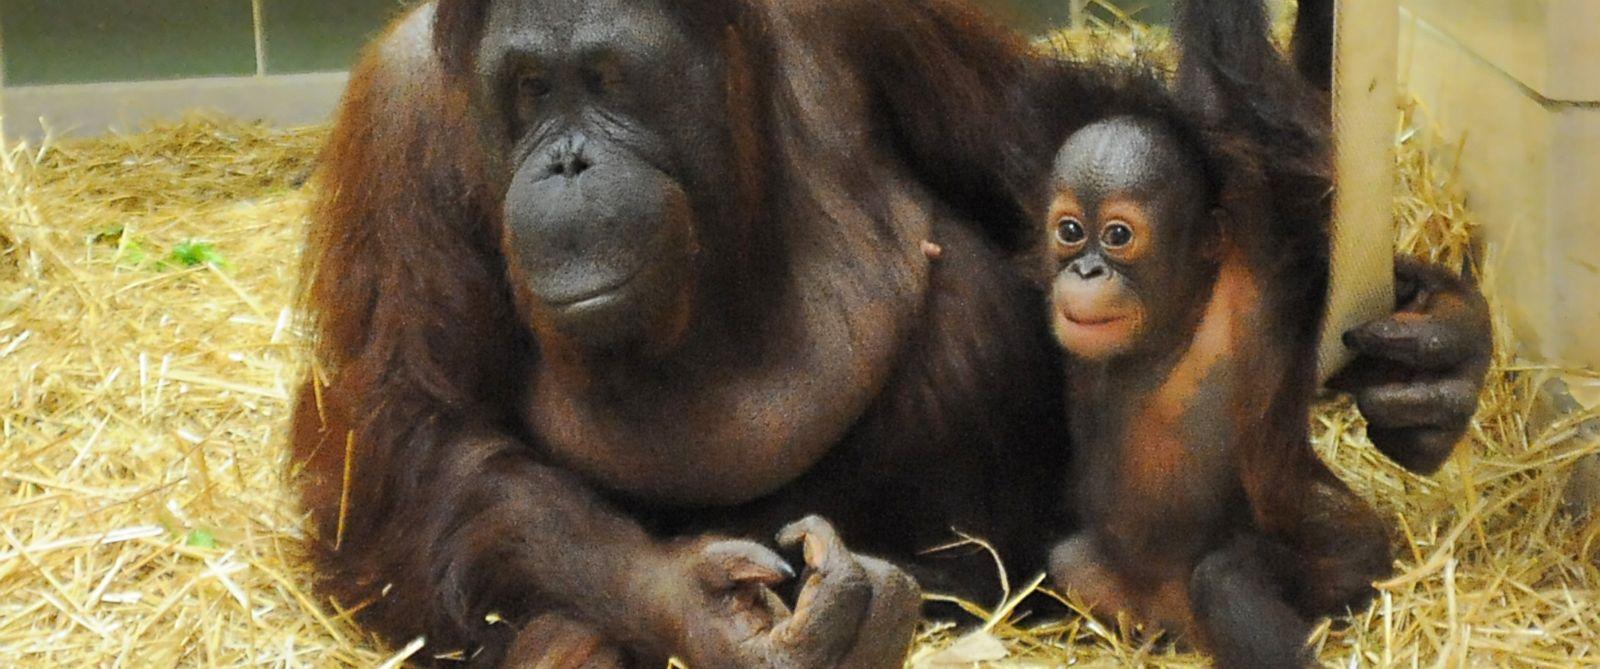 HT_orangutan_zoo_2_sk_140722_12x5_1600.jpg